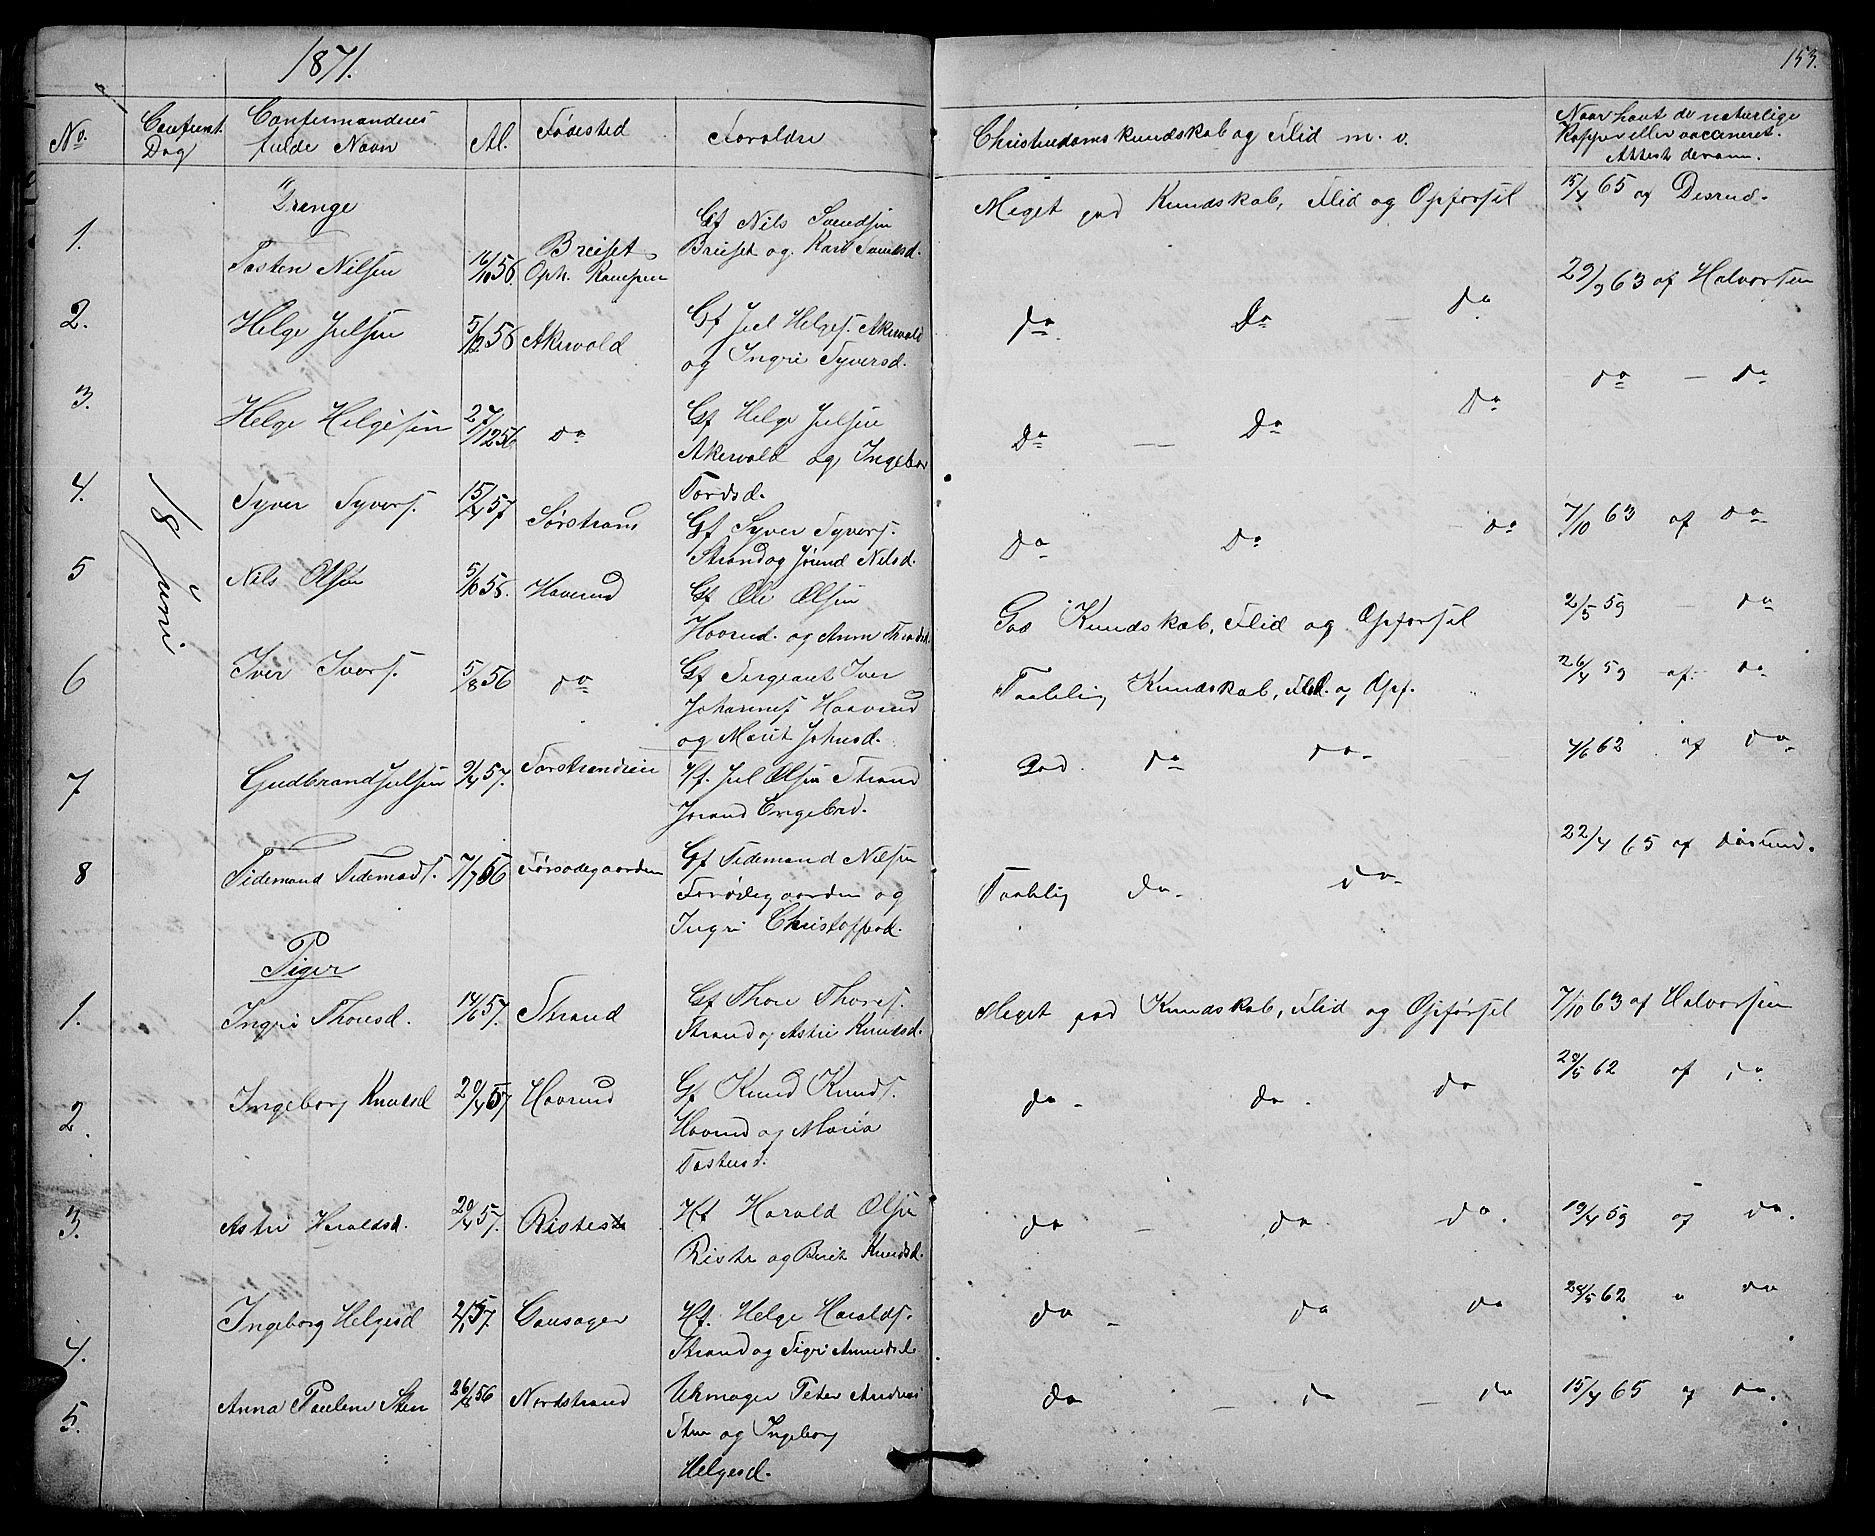 SAH, Nord-Aurdal prestekontor, Klokkerbok nr. 3, 1842-1882, s. 153